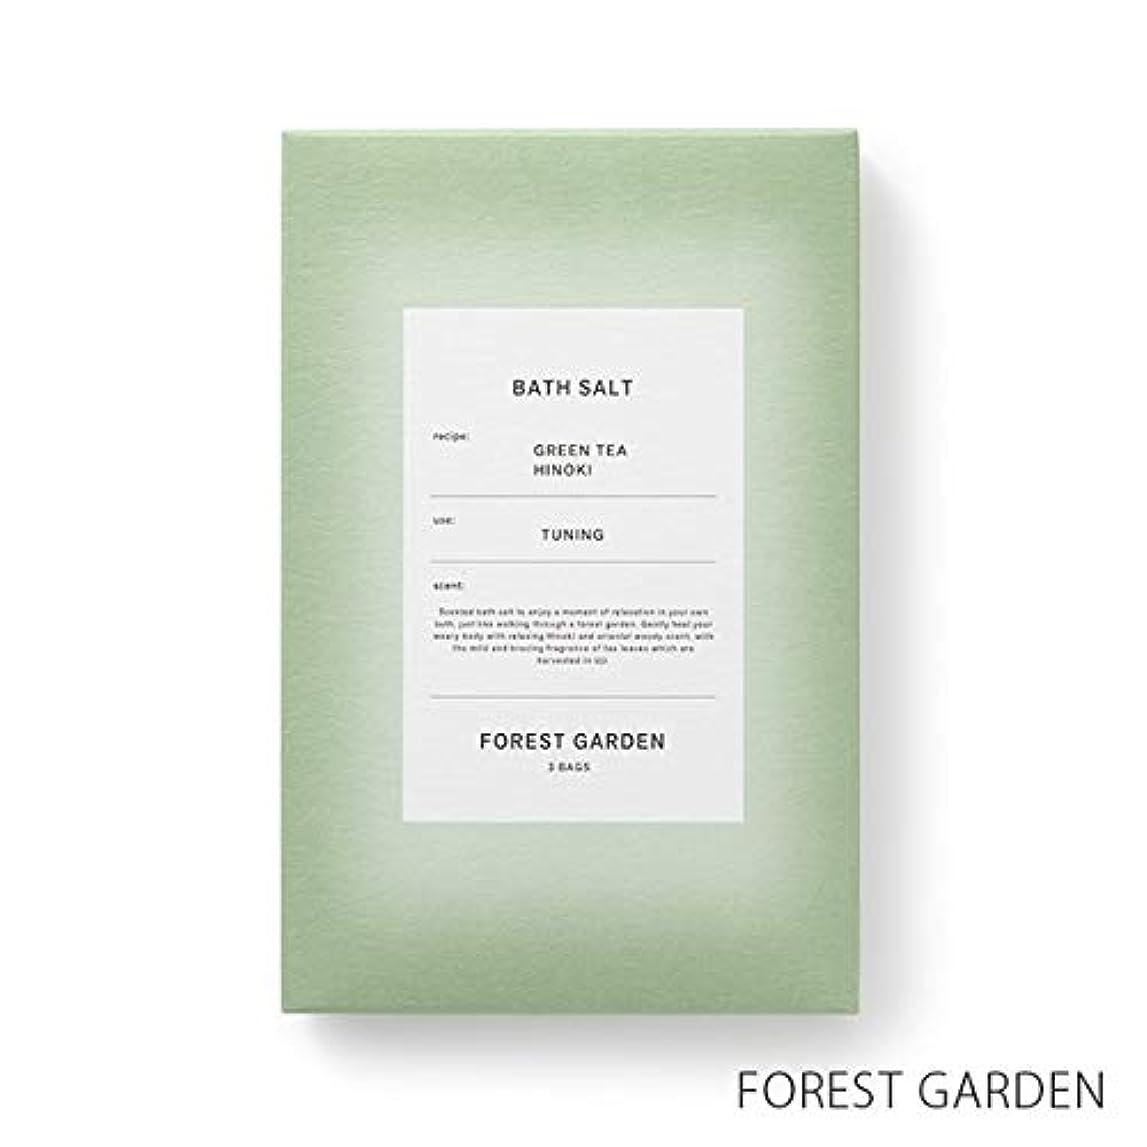 グラマーチキン階段【薫玉堂】 バスソルト FOREST GARDEN 森の庭 緑 和 宇治茶の香り